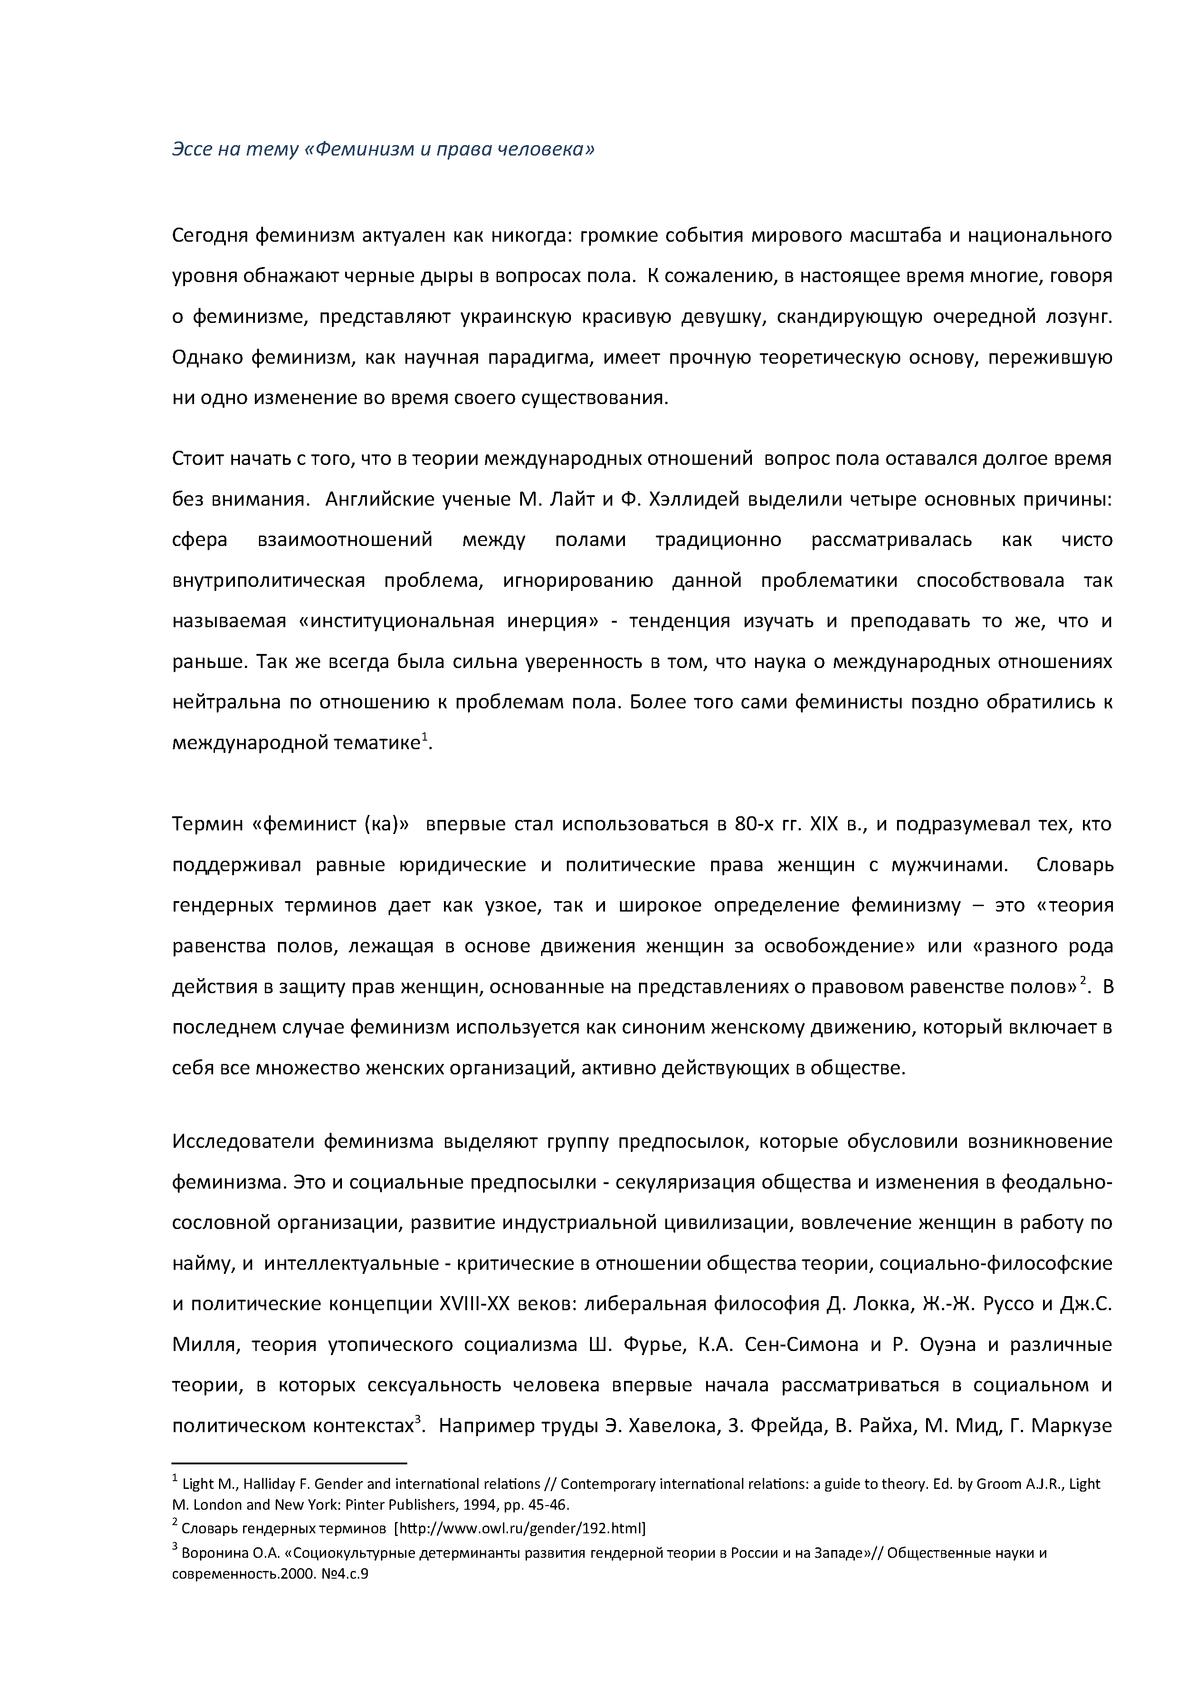 Эссе на тему российское общество 5270